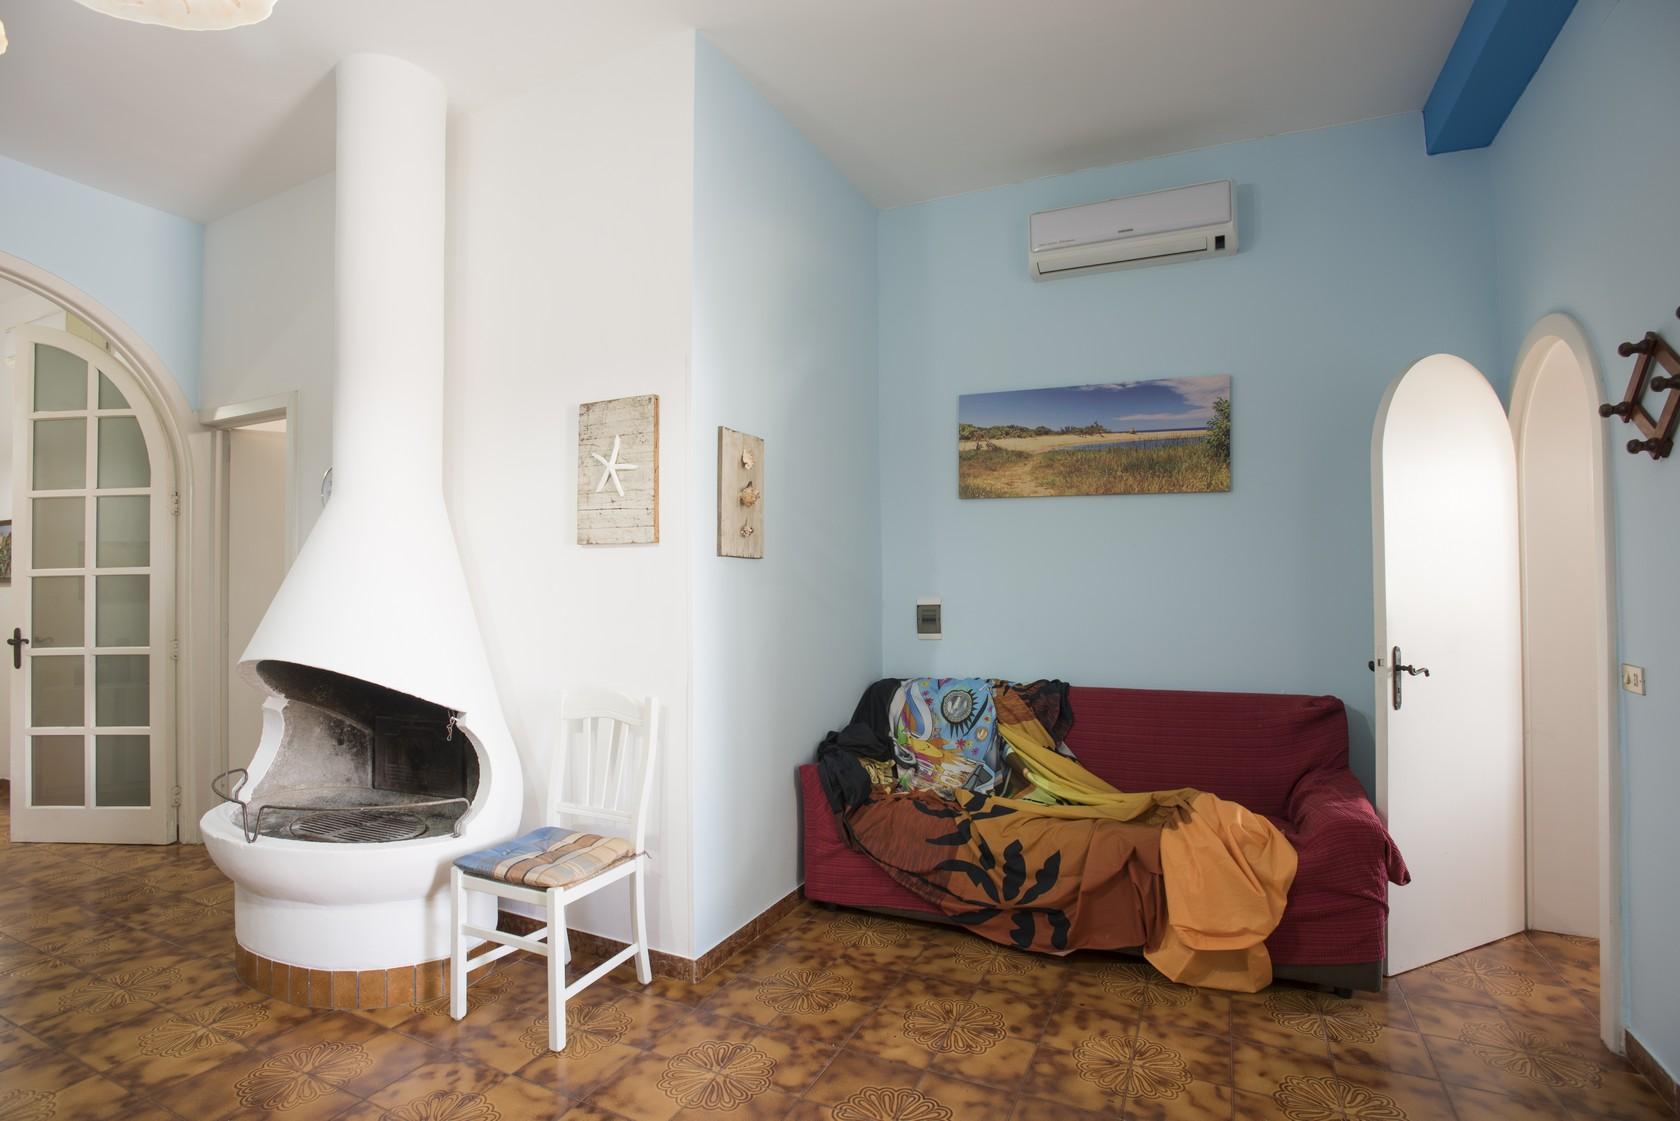 Ferienhaus Villa Desiderio, villa on the beach (2354061), Porto Cesareo, Lecce, Apulien, Italien, Bild 21